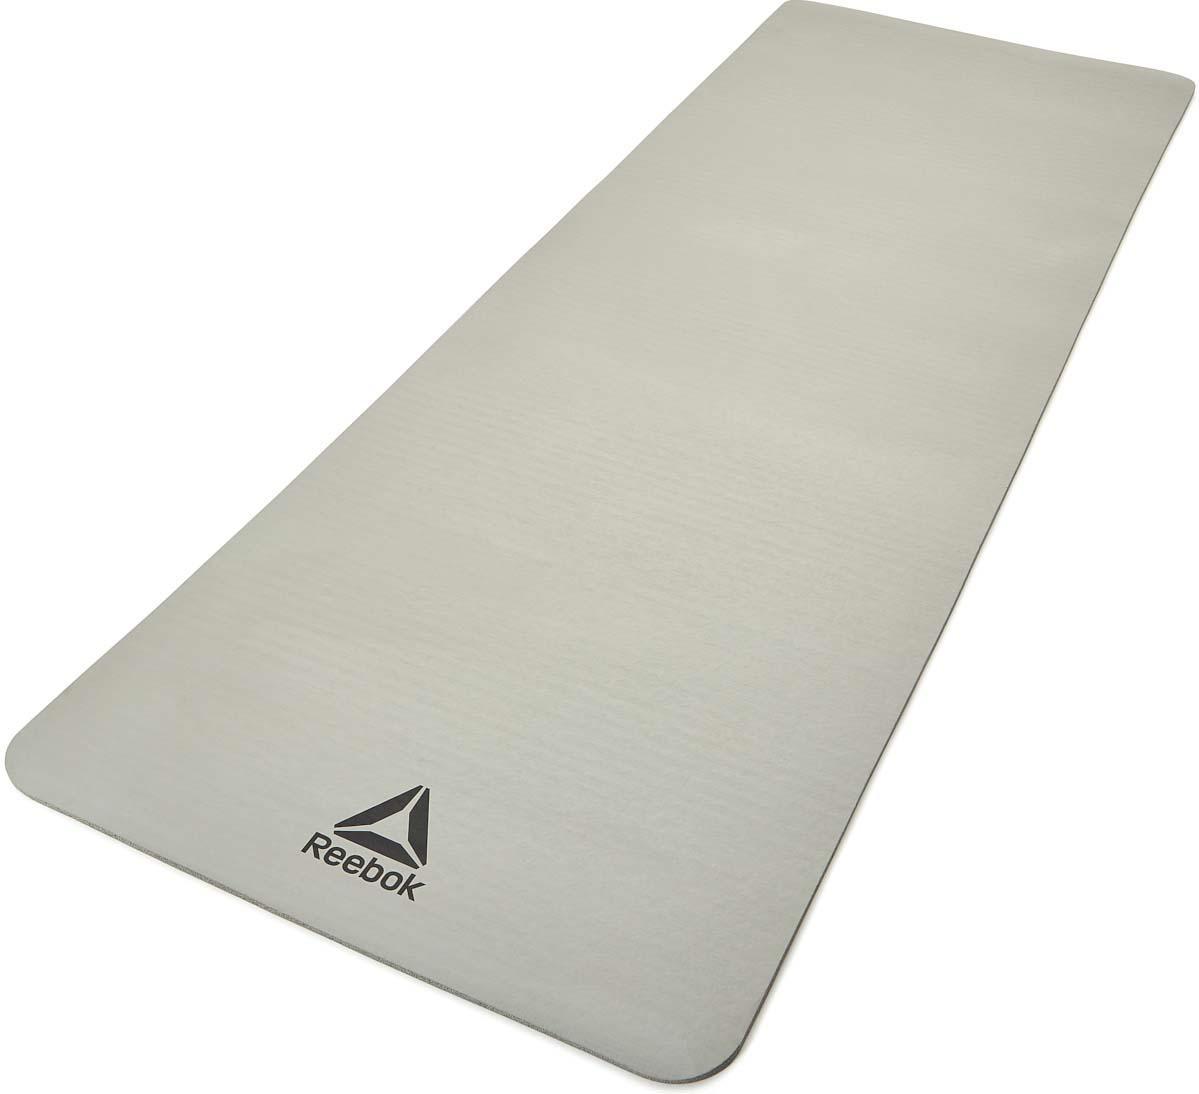 Коврик тренировочный Adidas, цвет: серый, толщина 7 мм, длина 173 см, Reebok